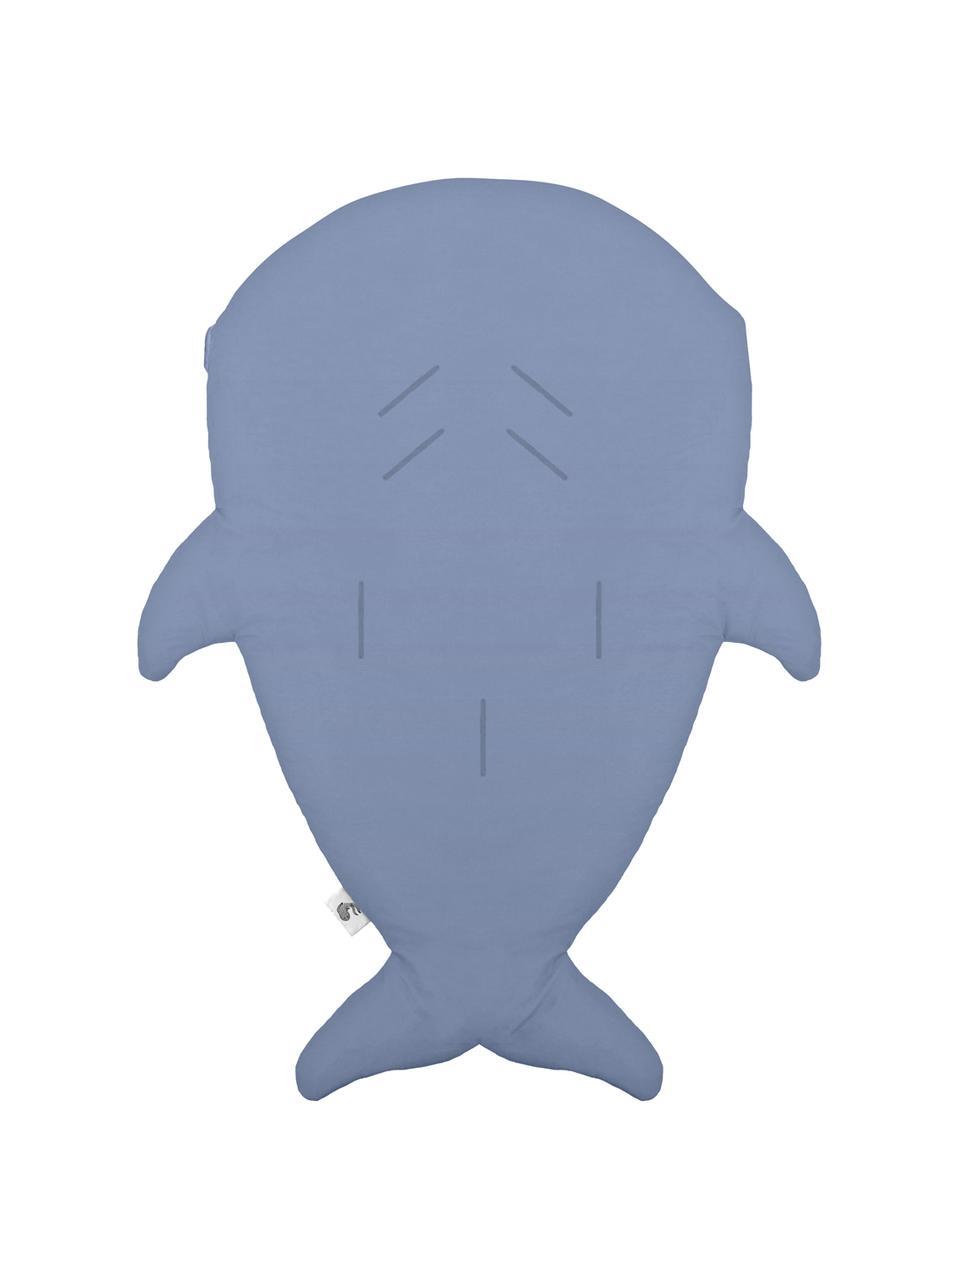 Śpiwór dla dzieci Mini Shark, Tapicerka: bawełna, produkt posiada , Niebieskoszary, S 73 x D 98 cm